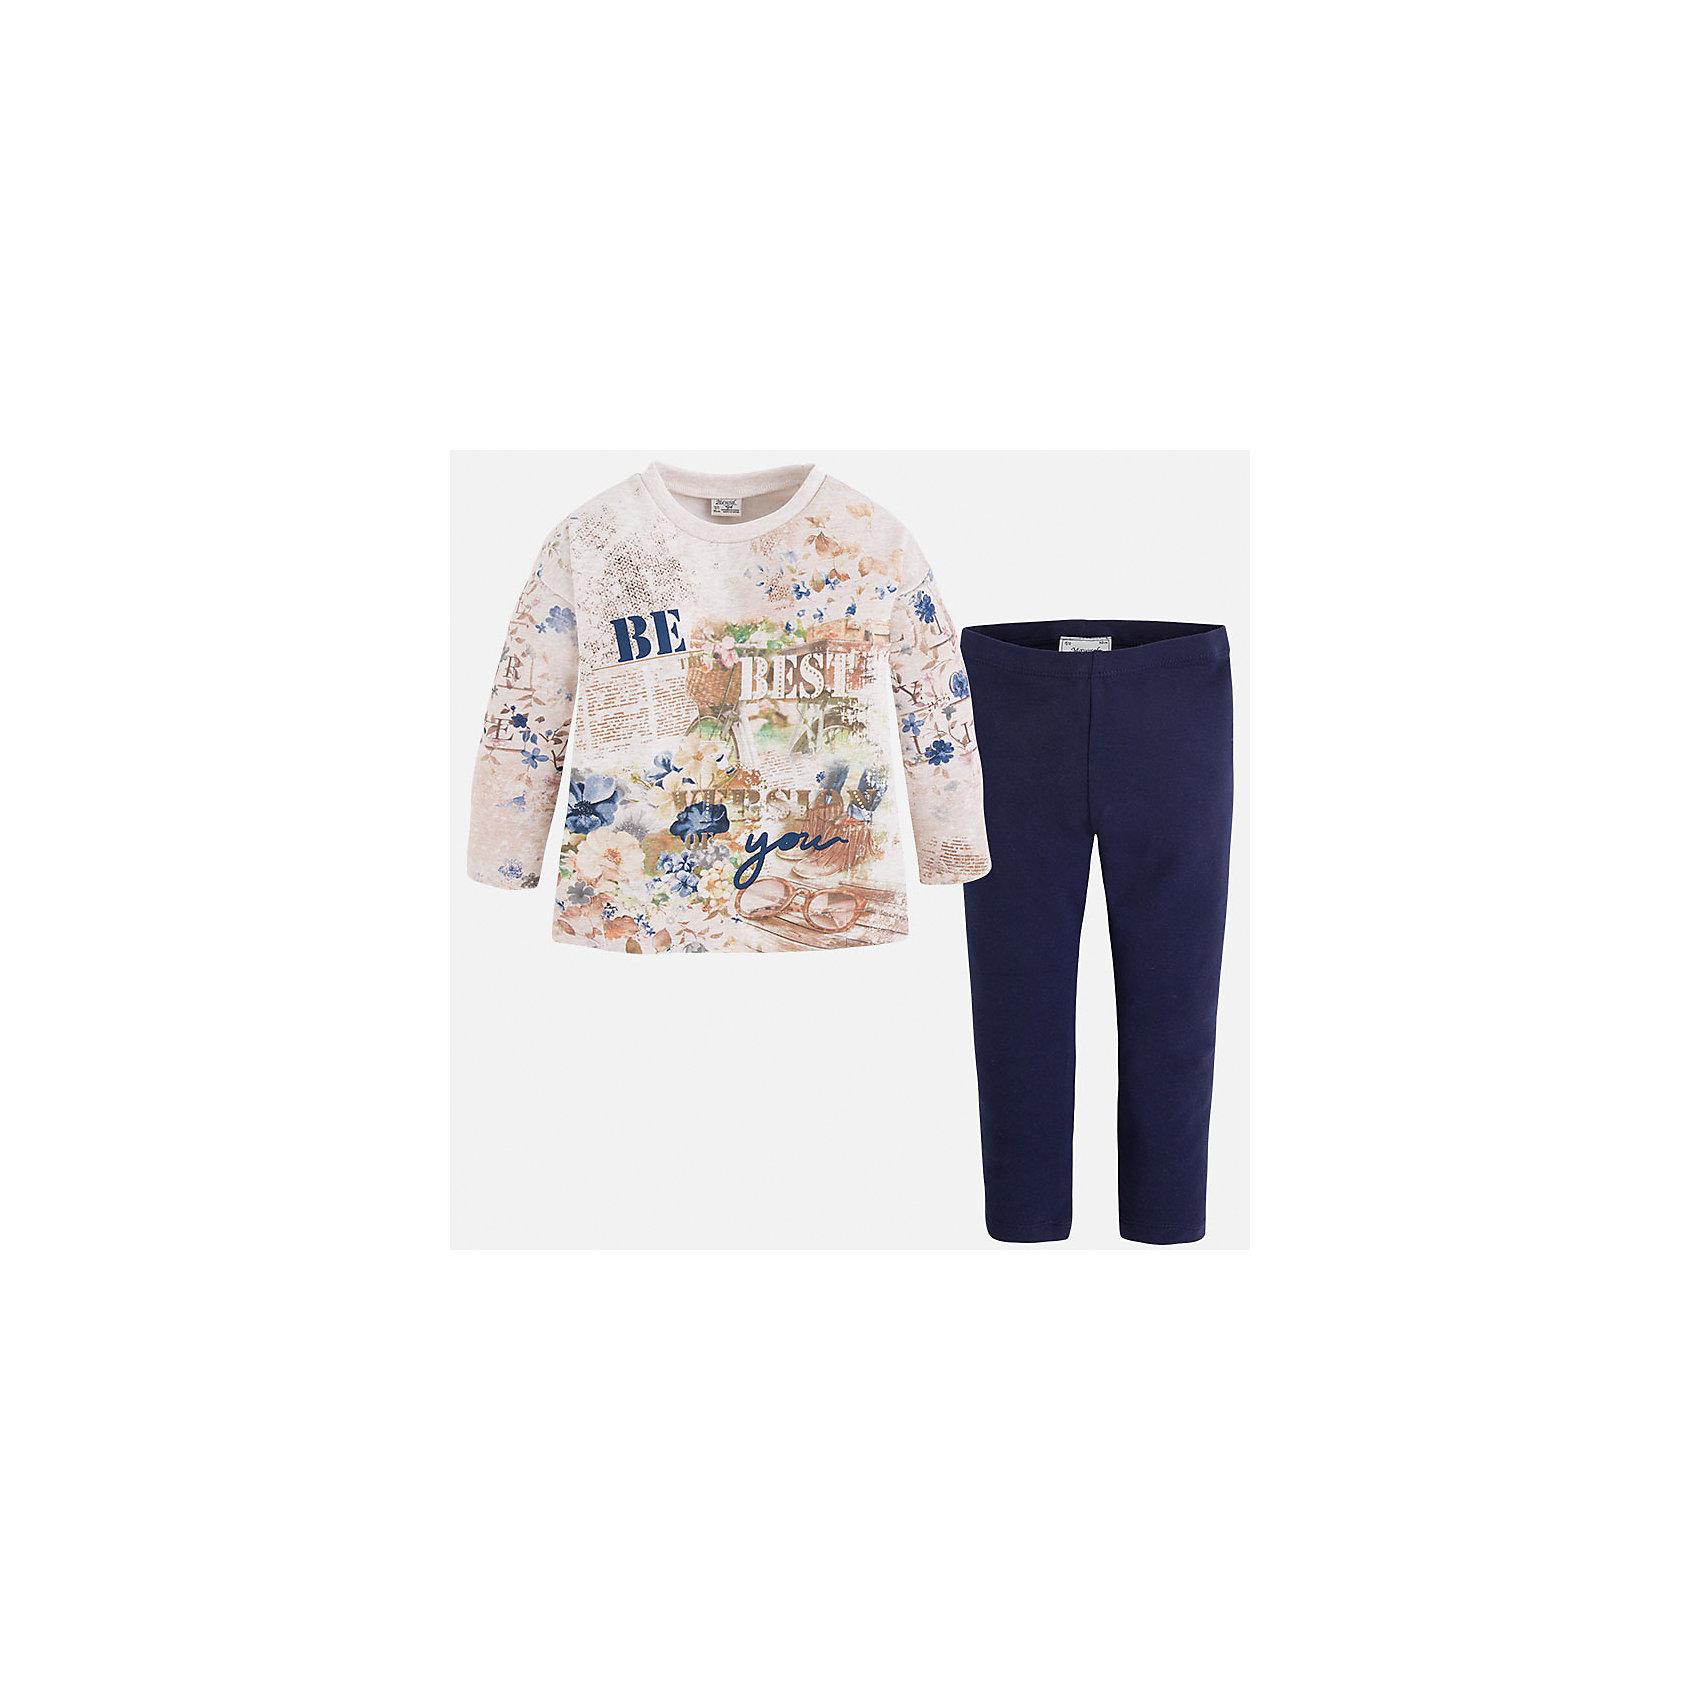 Леггинсы для девочки MayoralКомплекты<br>Комплект из леггинсов и свитера для девочки от популярного испанского бренда Mayoral(Майорал). Изготовленный из прочных, хорошо сохраняющих тепло материалов. Яркая расцветка с оригинальным принтом - то, что нужно моднице, любящей быть в центре внимания!<br>Дополнительная информация:<br>-цвет: темно-синий/белый<br>-состав: свитер: 48% хлопок, 47% полиэстер, 5% эластан; леггинсы: 92% хлопок, 8% эластан<br>Комплект из леггинсов и свитера Mayoral(Майорал) вы можете купить в нашем интернет-магазине.<br><br>Ширина мм: 123<br>Глубина мм: 10<br>Высота мм: 149<br>Вес г: 209<br>Цвет: синий<br>Возраст от месяцев: 60<br>Возраст до месяцев: 72<br>Пол: Женский<br>Возраст: Детский<br>Размер: 92,122,116,128,110,98,134,104<br>SKU: 4844143